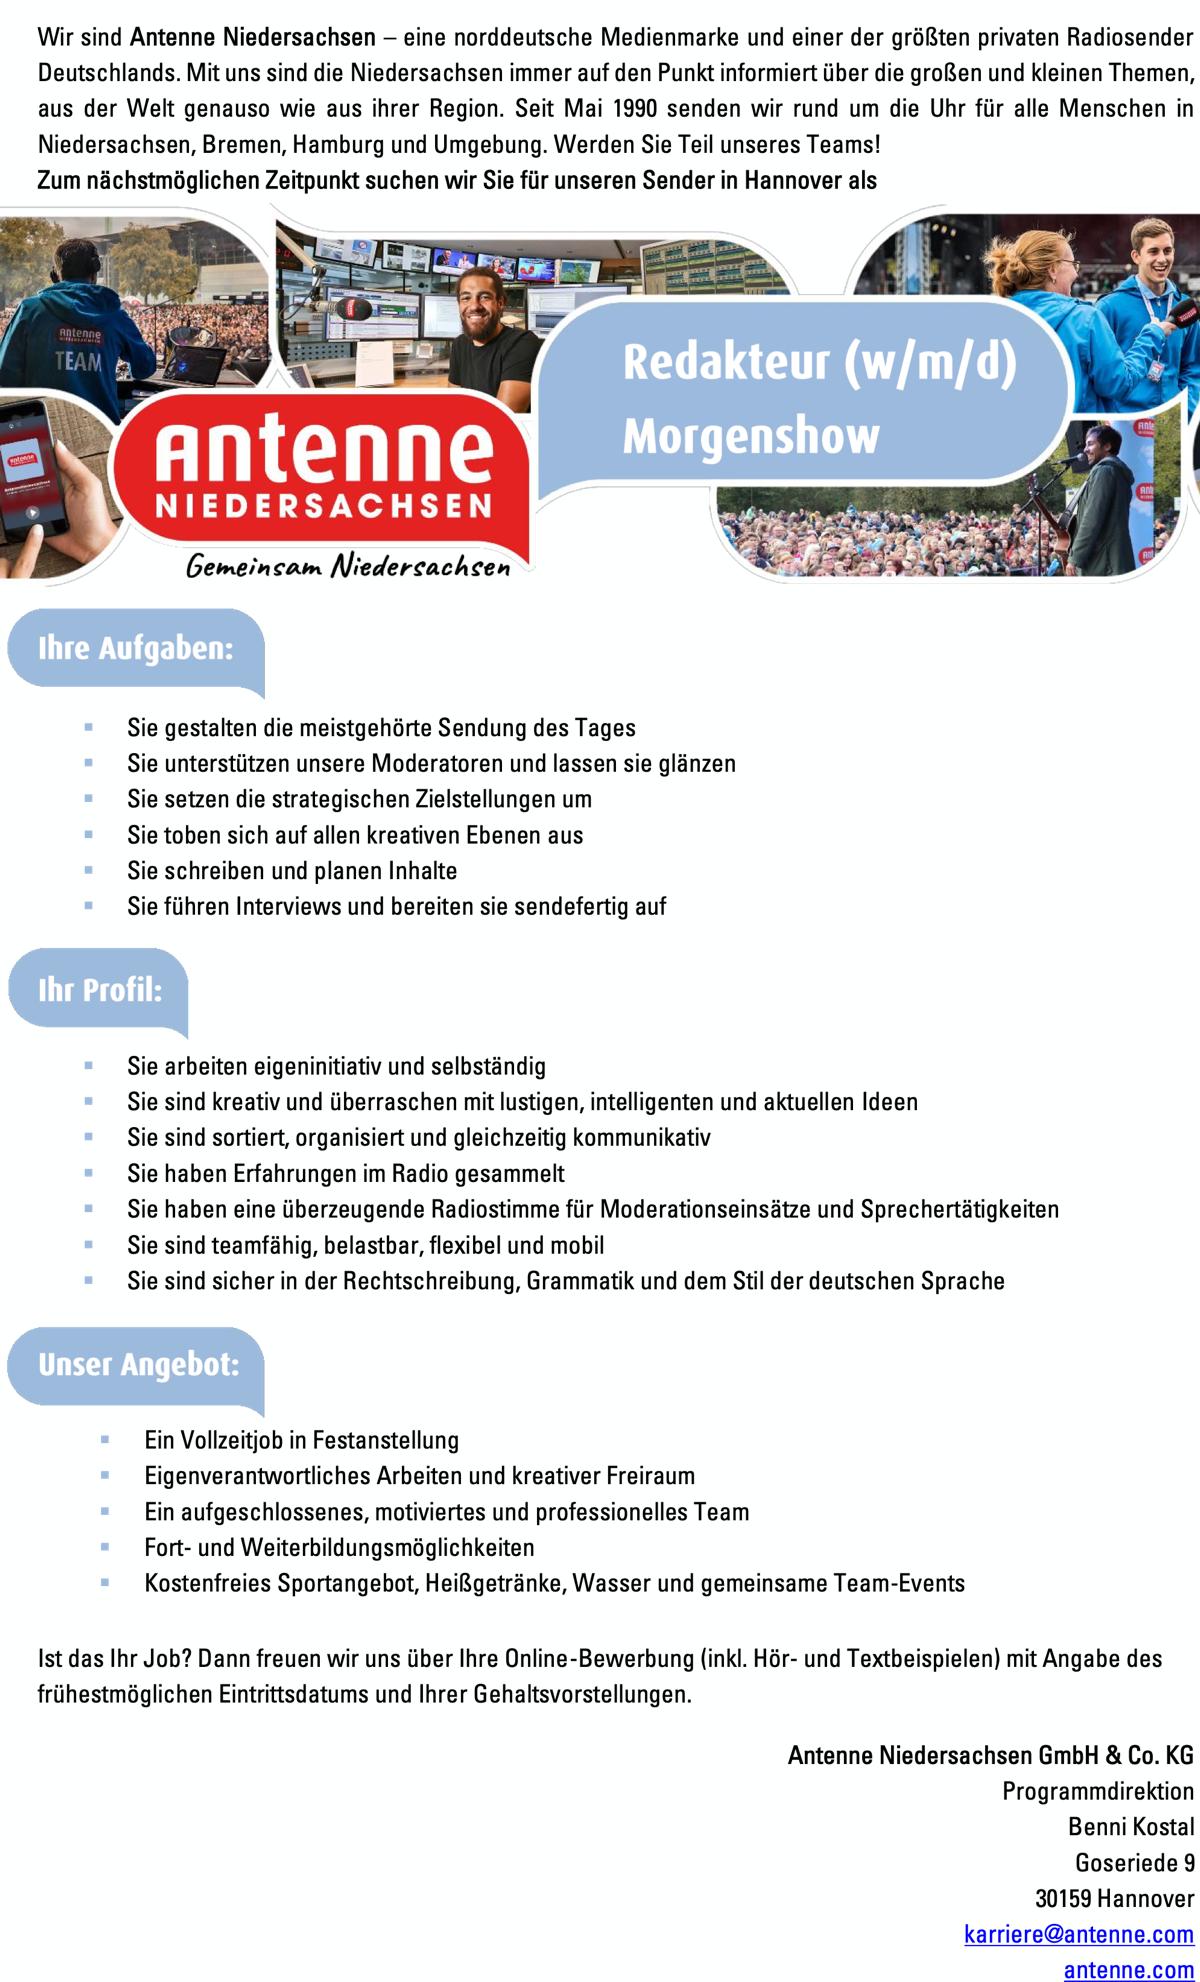 Antenne Niedersachsen sucht Redakteur (w/m/d) Morgenshow